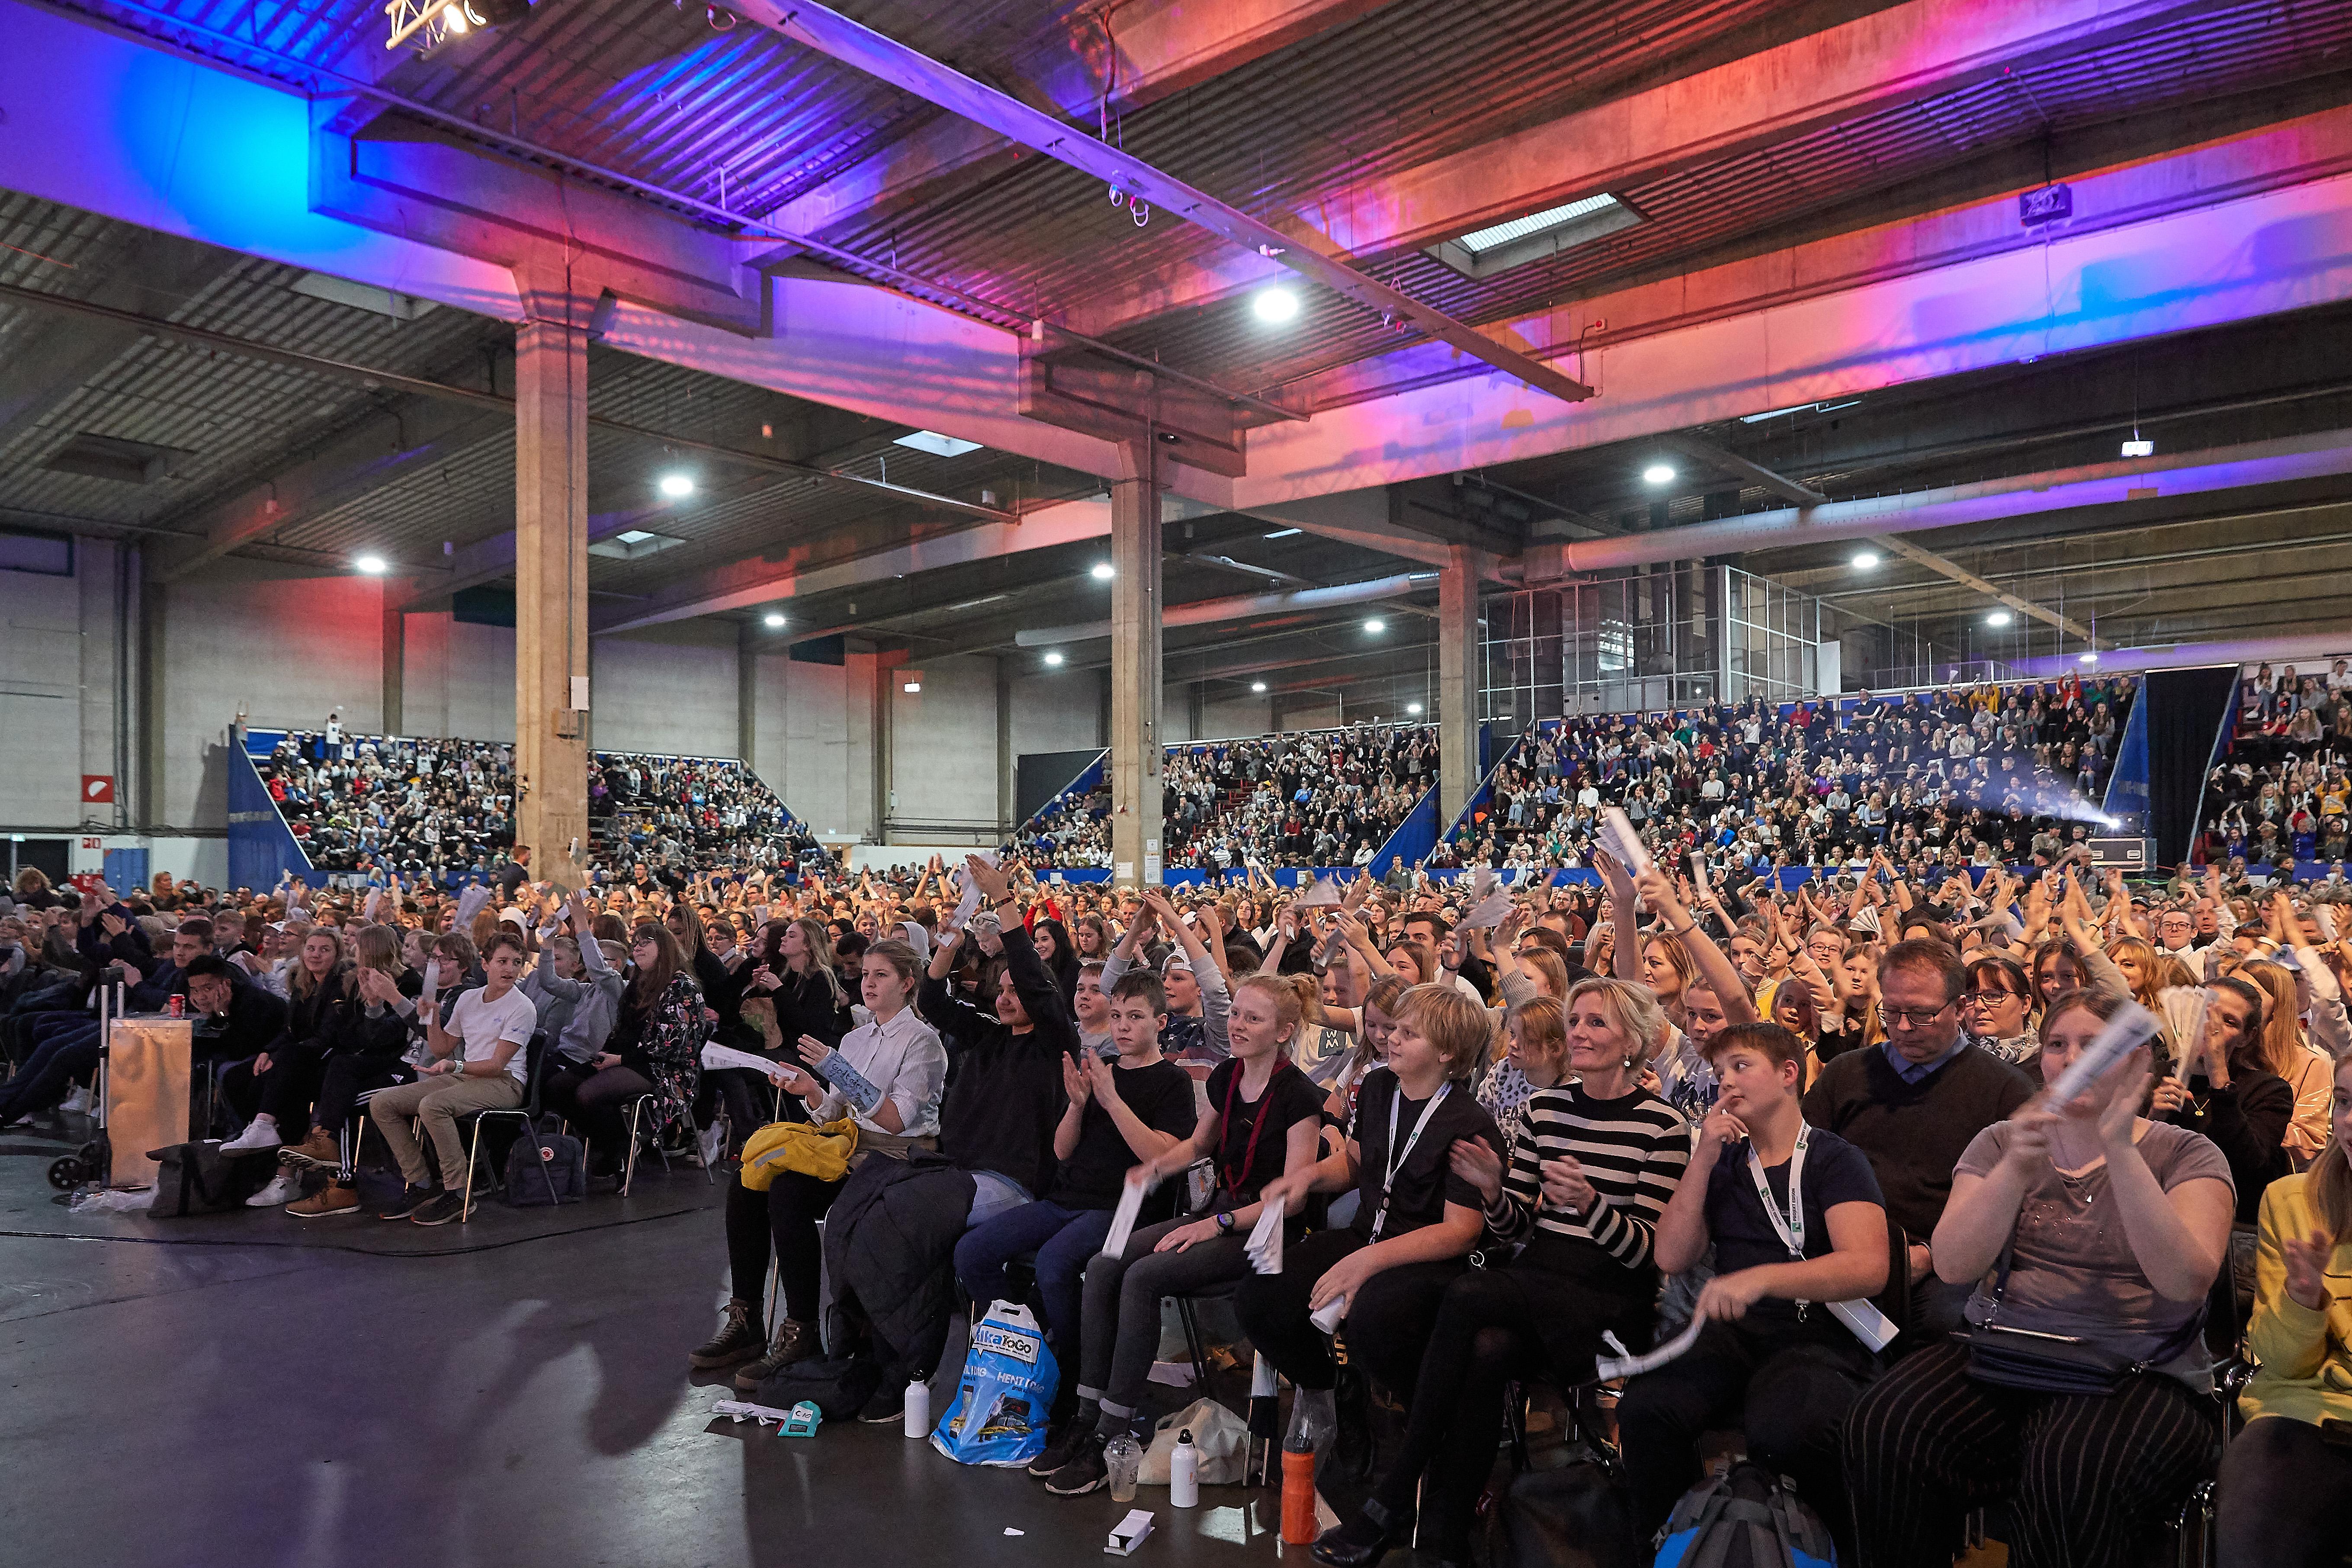 Danish Entrepreneurship Award 2019